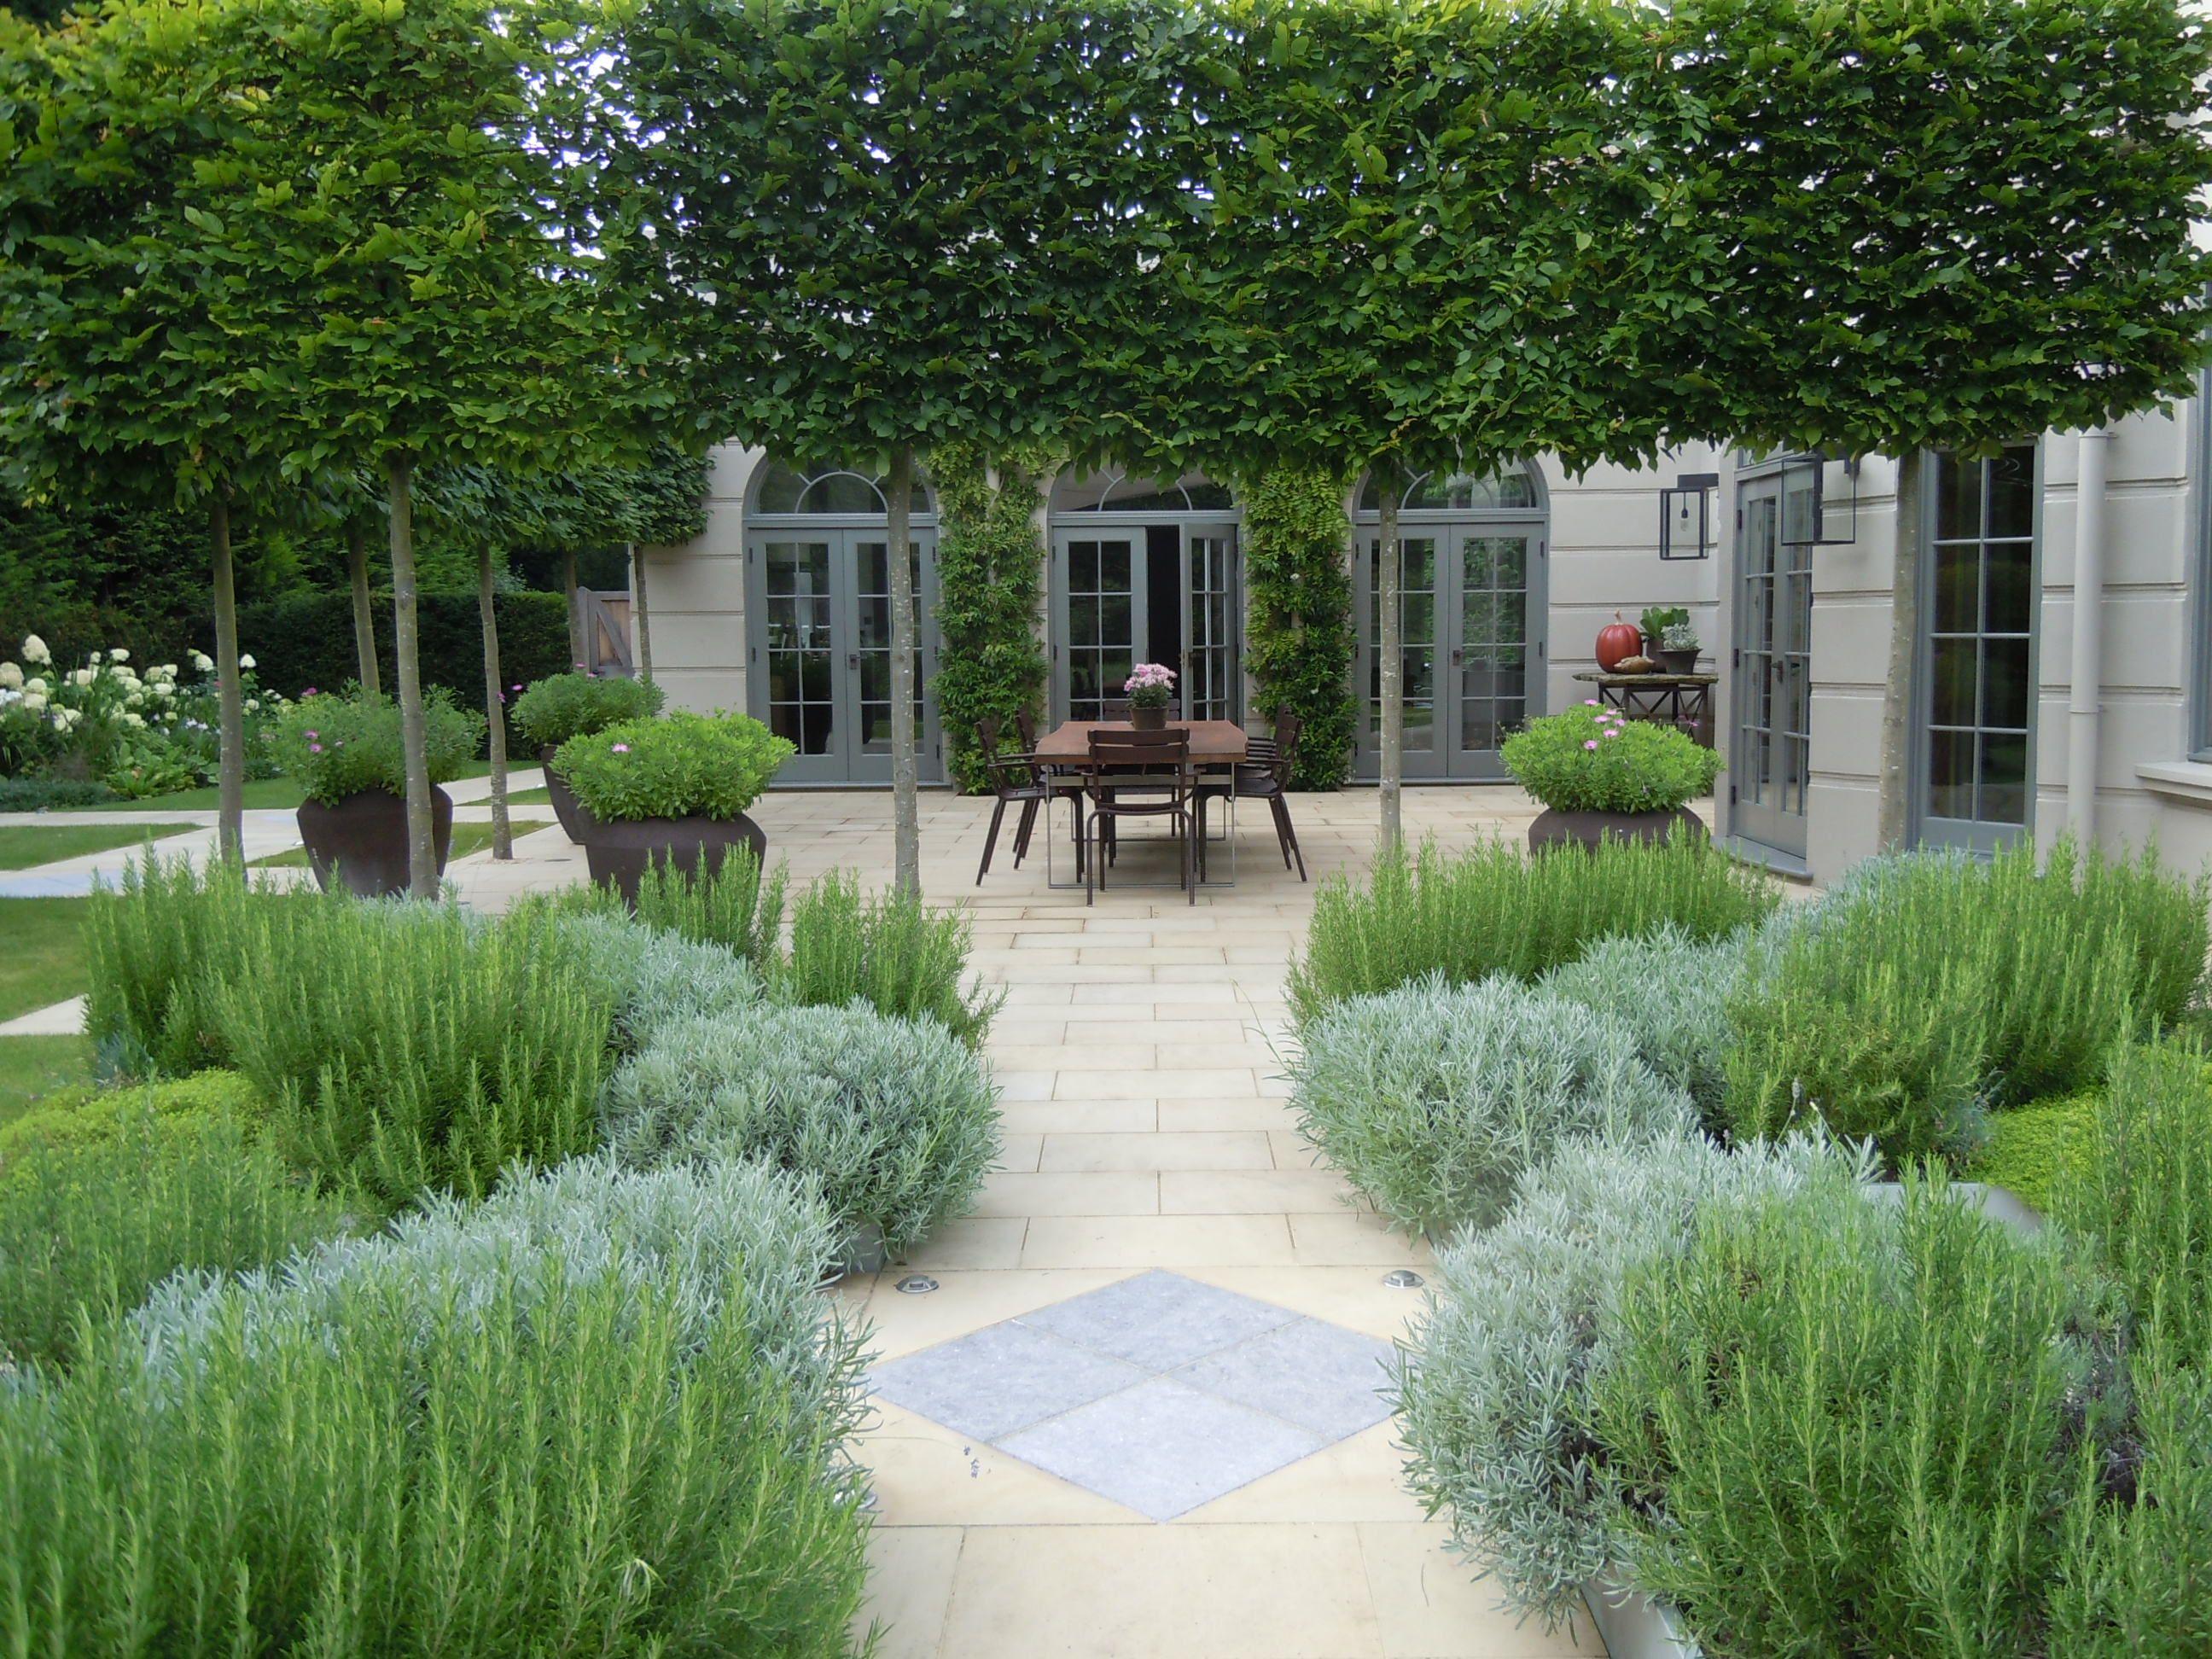 landscape architect visit a refined kitchen garden by richard miers outdoor gardens garden on kitchen garden id=31029